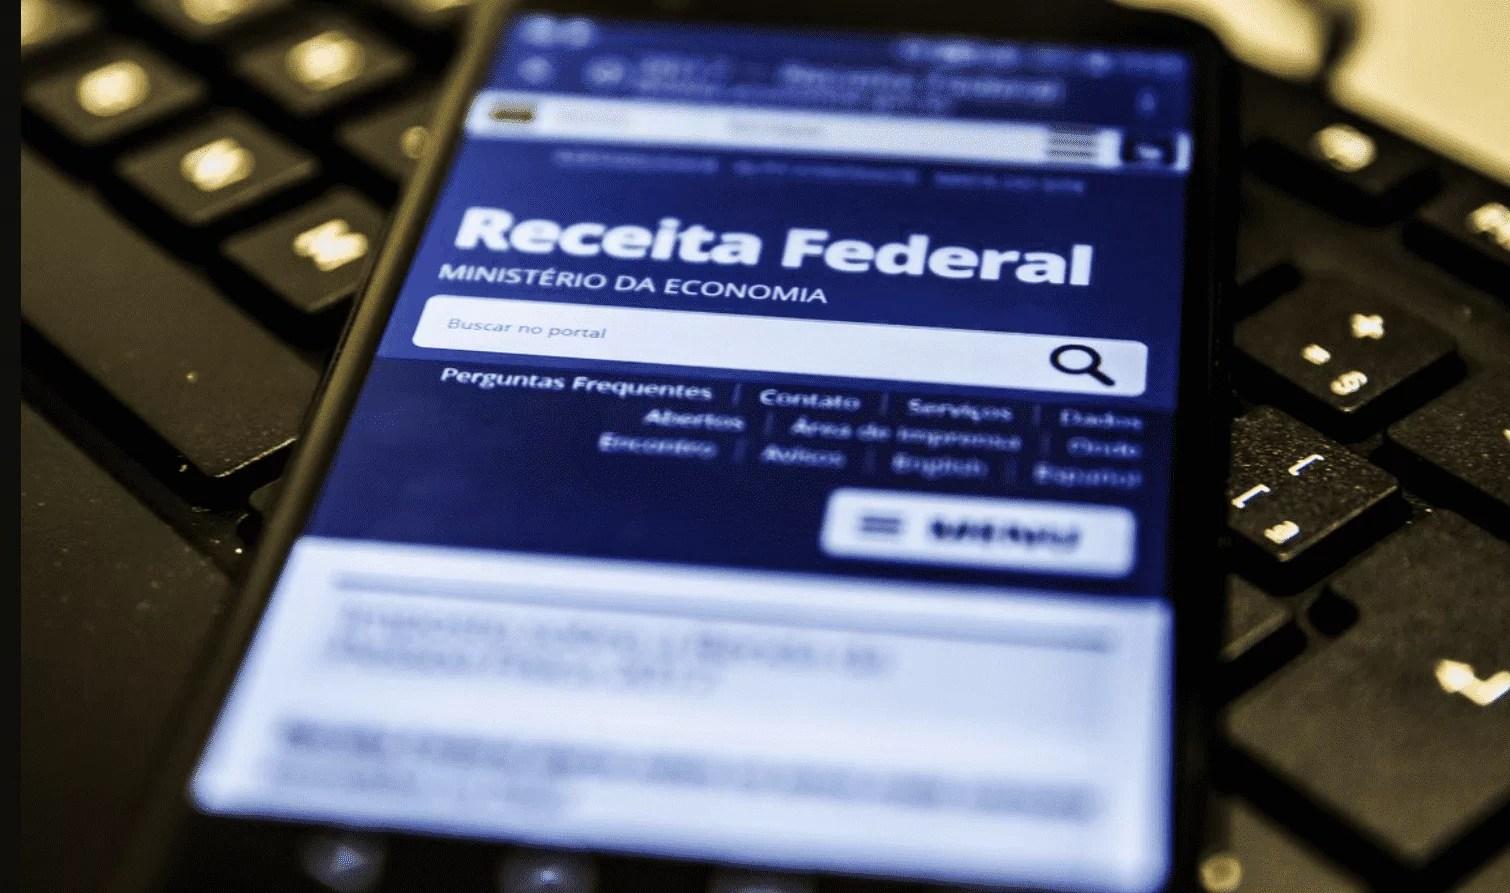 Celular com site da receita federal aberto, em cima de um teclado.